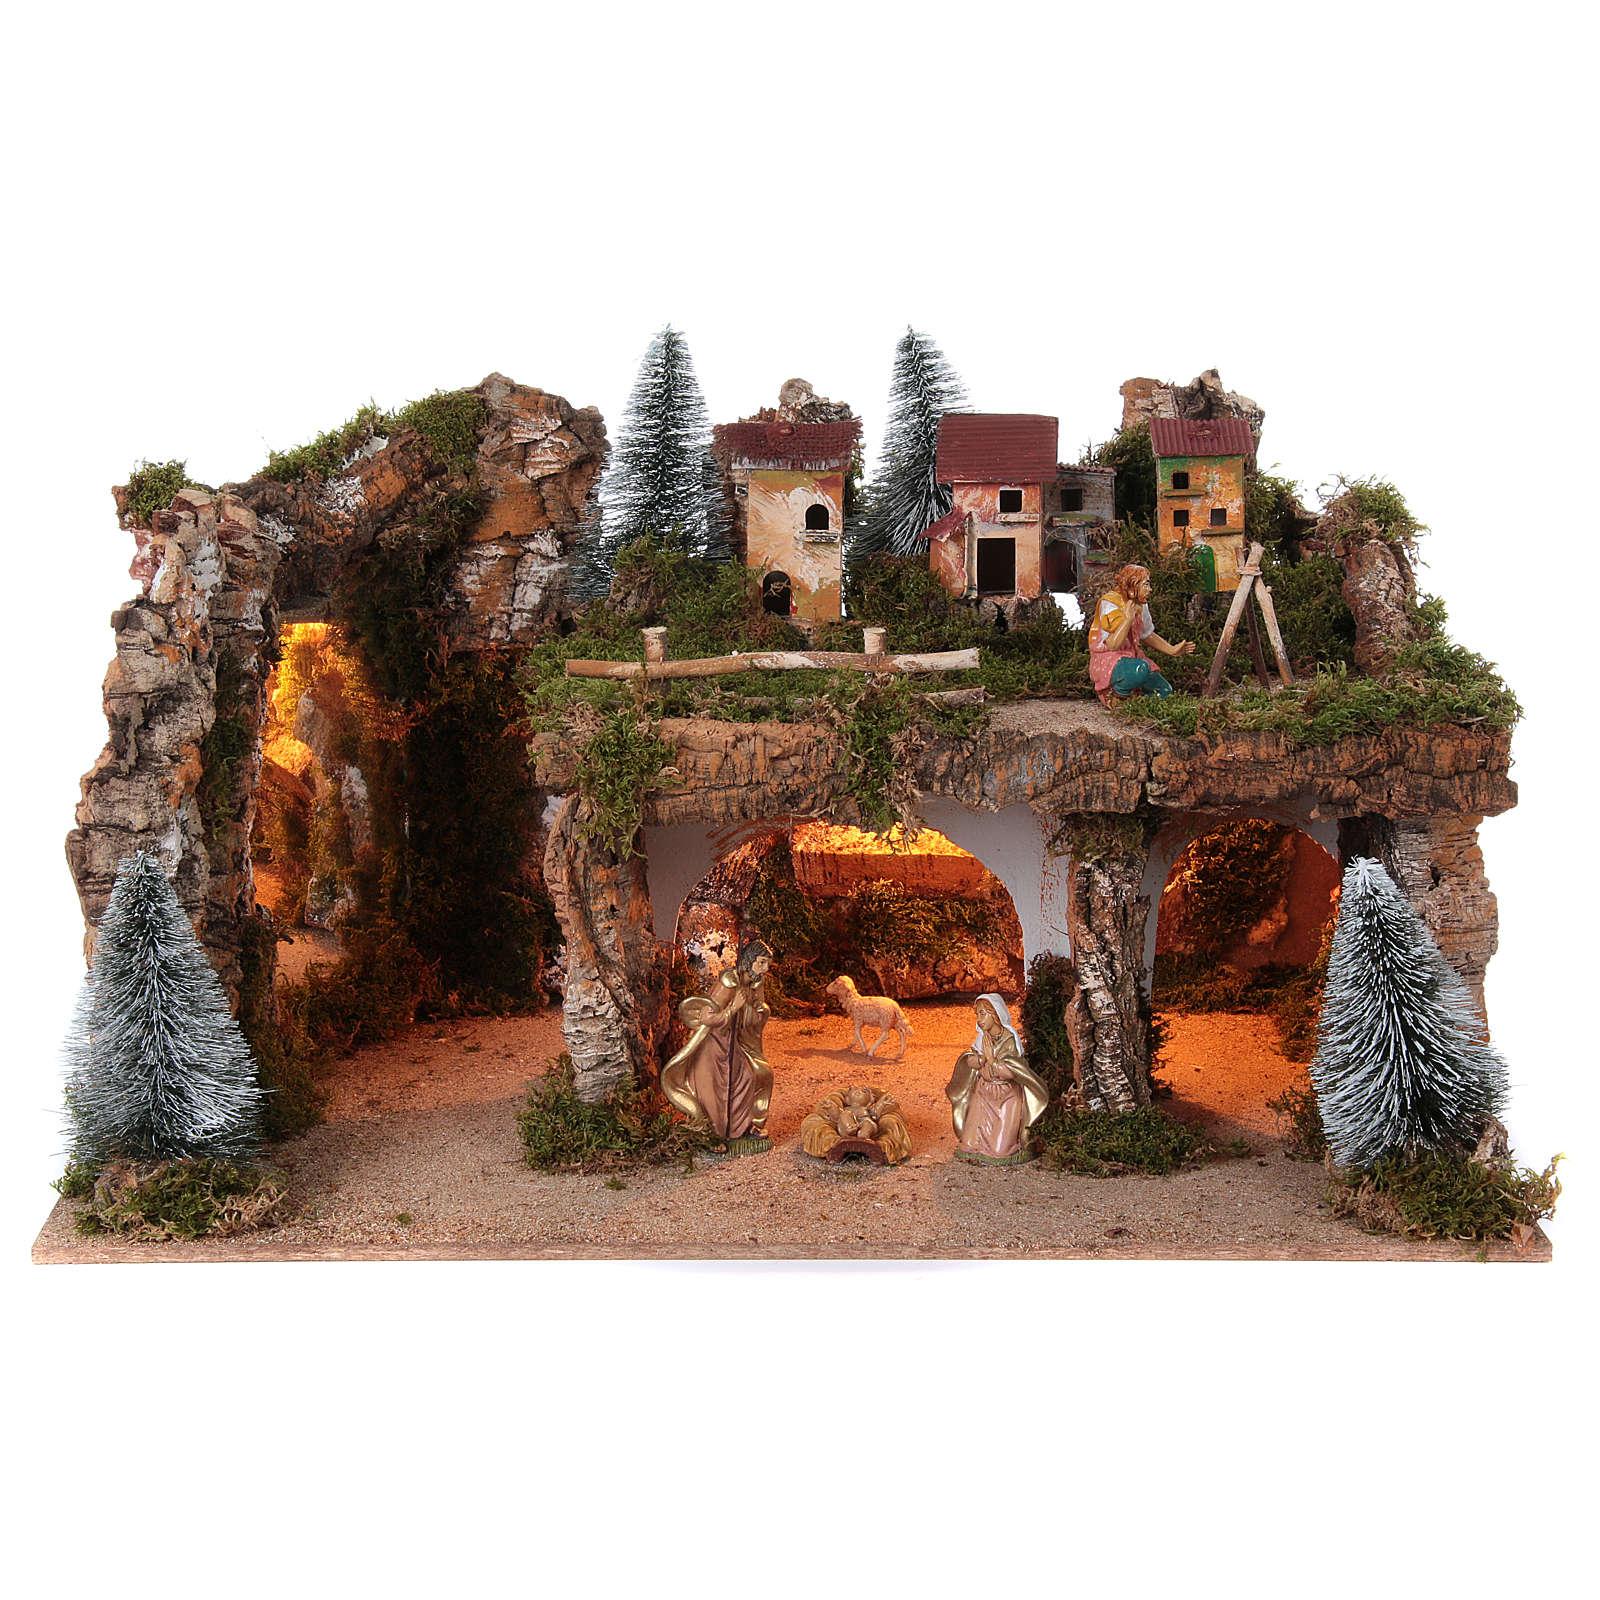 Paisaje con luces y belén 8 piezas 45x80x50 figuras 12 cm de altura media 4